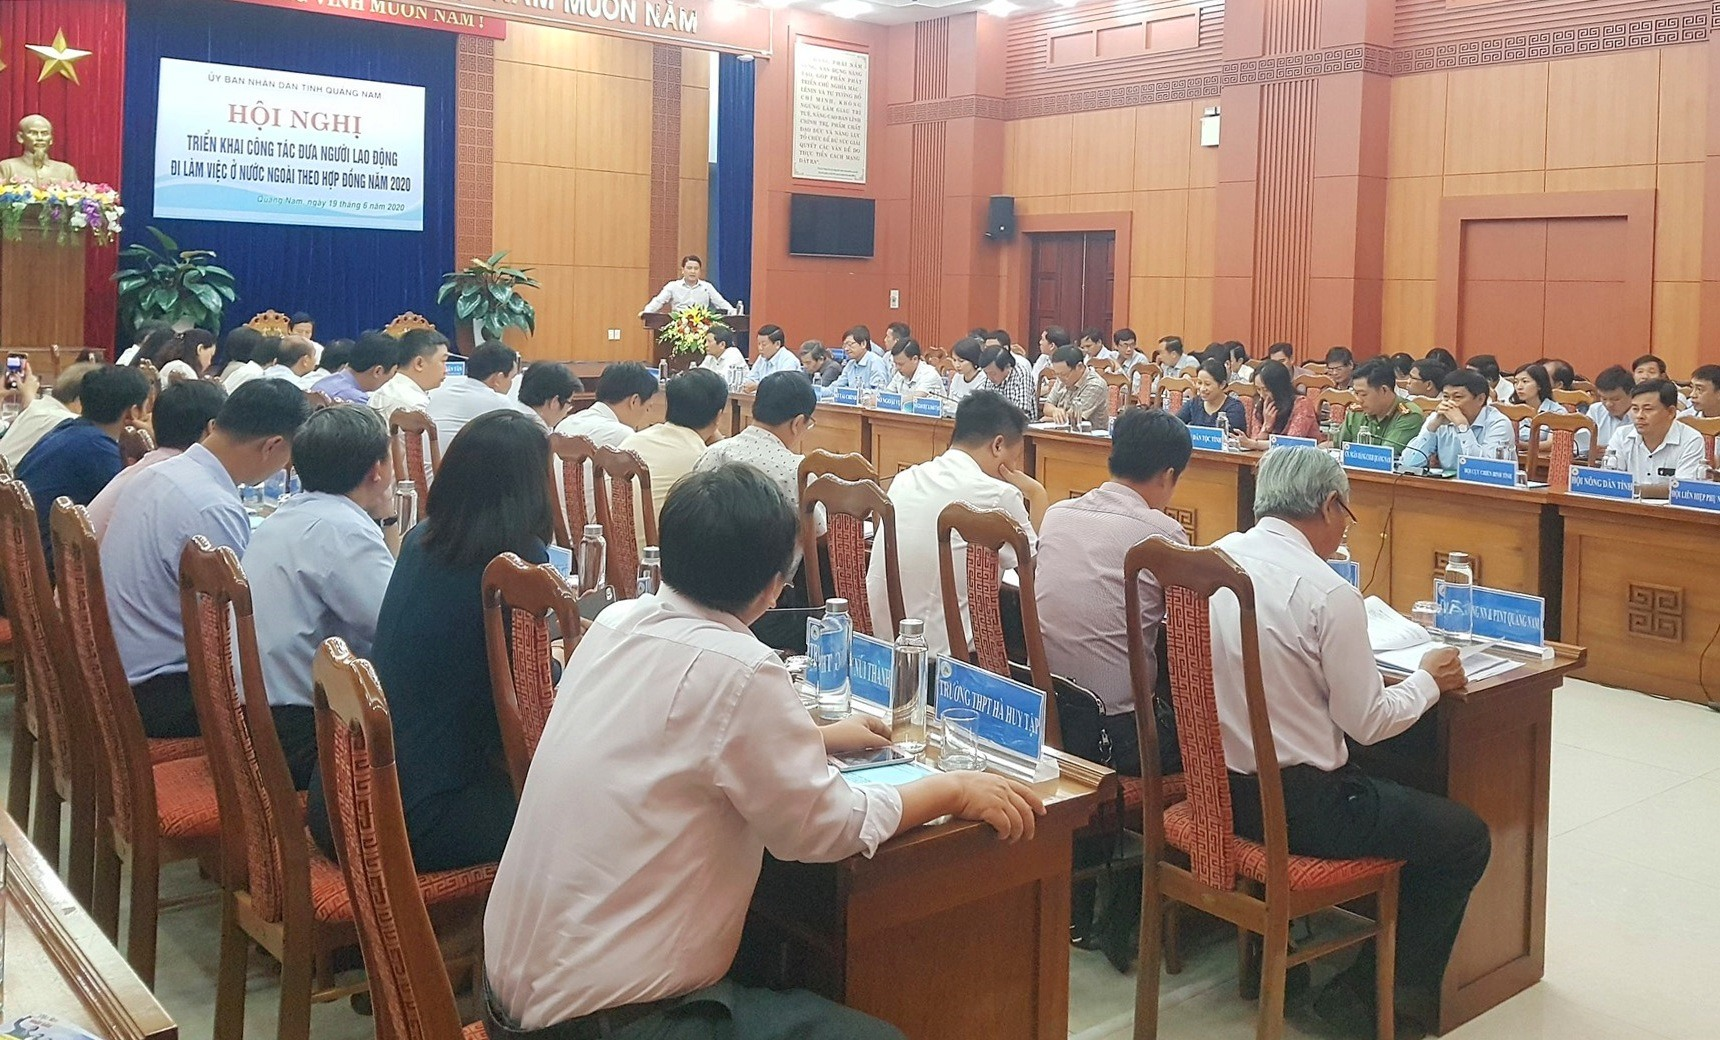 Hội nghị về công tác xuất khẩu lao động có đầy đủ các sở ngành, địa phương, doanh nghiệp, trường học tham gia. Ảnh: D.L